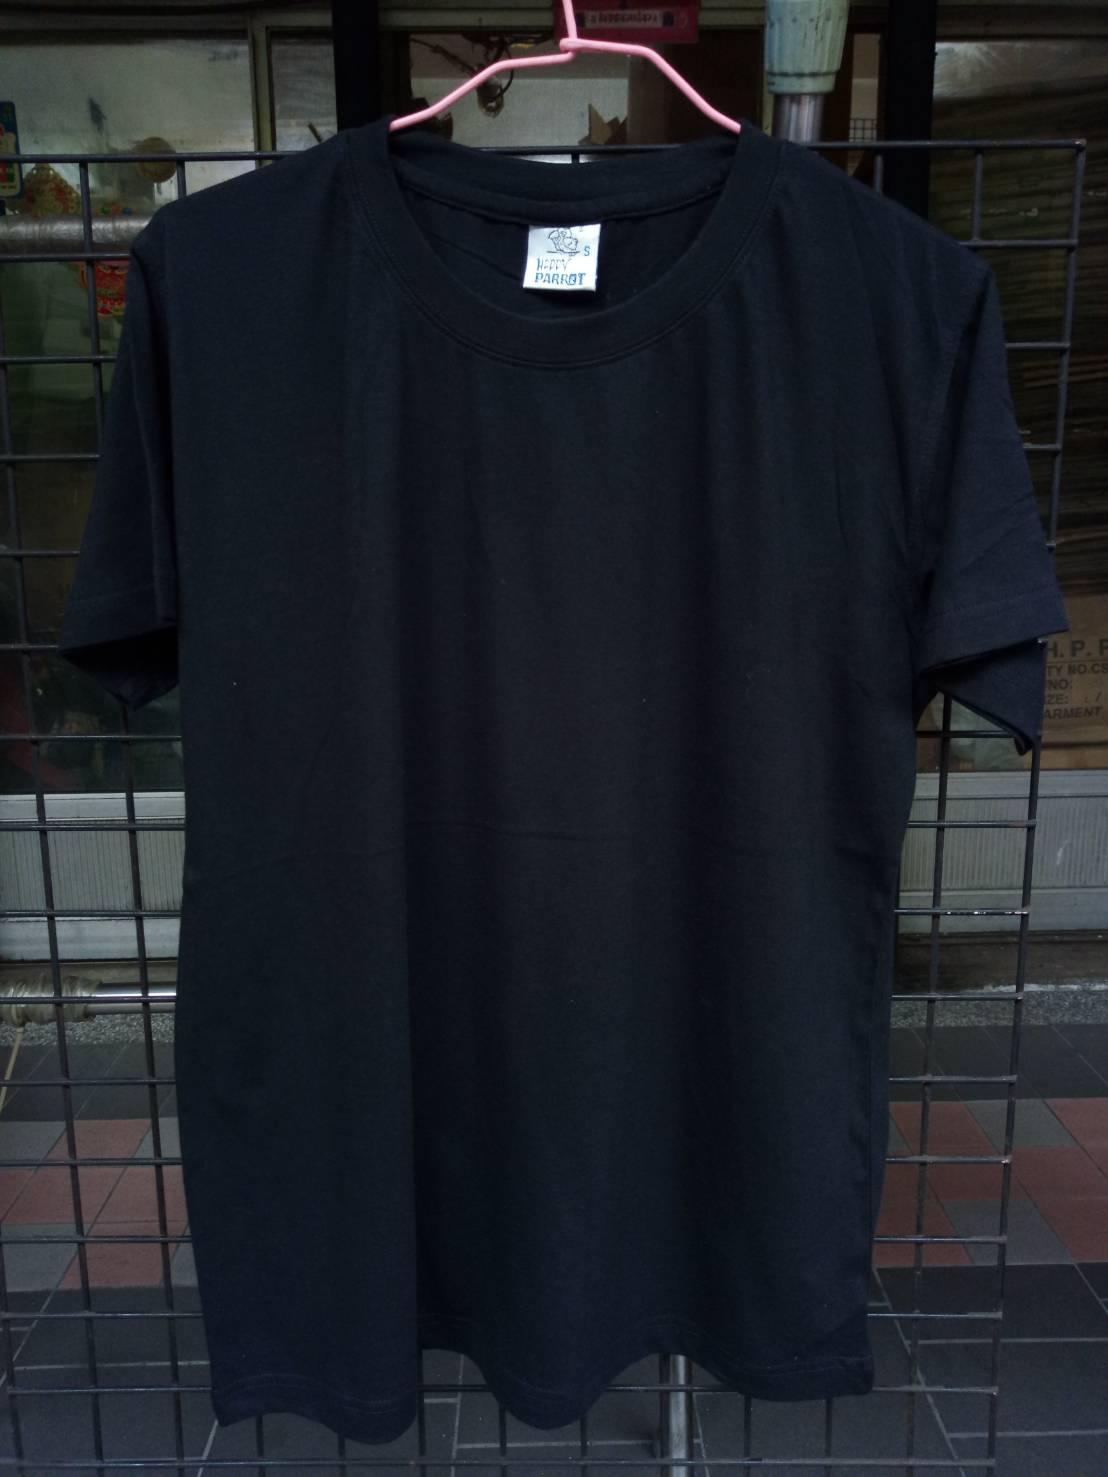 純棉圓領T恤 素T 大學T 黑色 團體服訂製  也可混色採購+隨機贈品